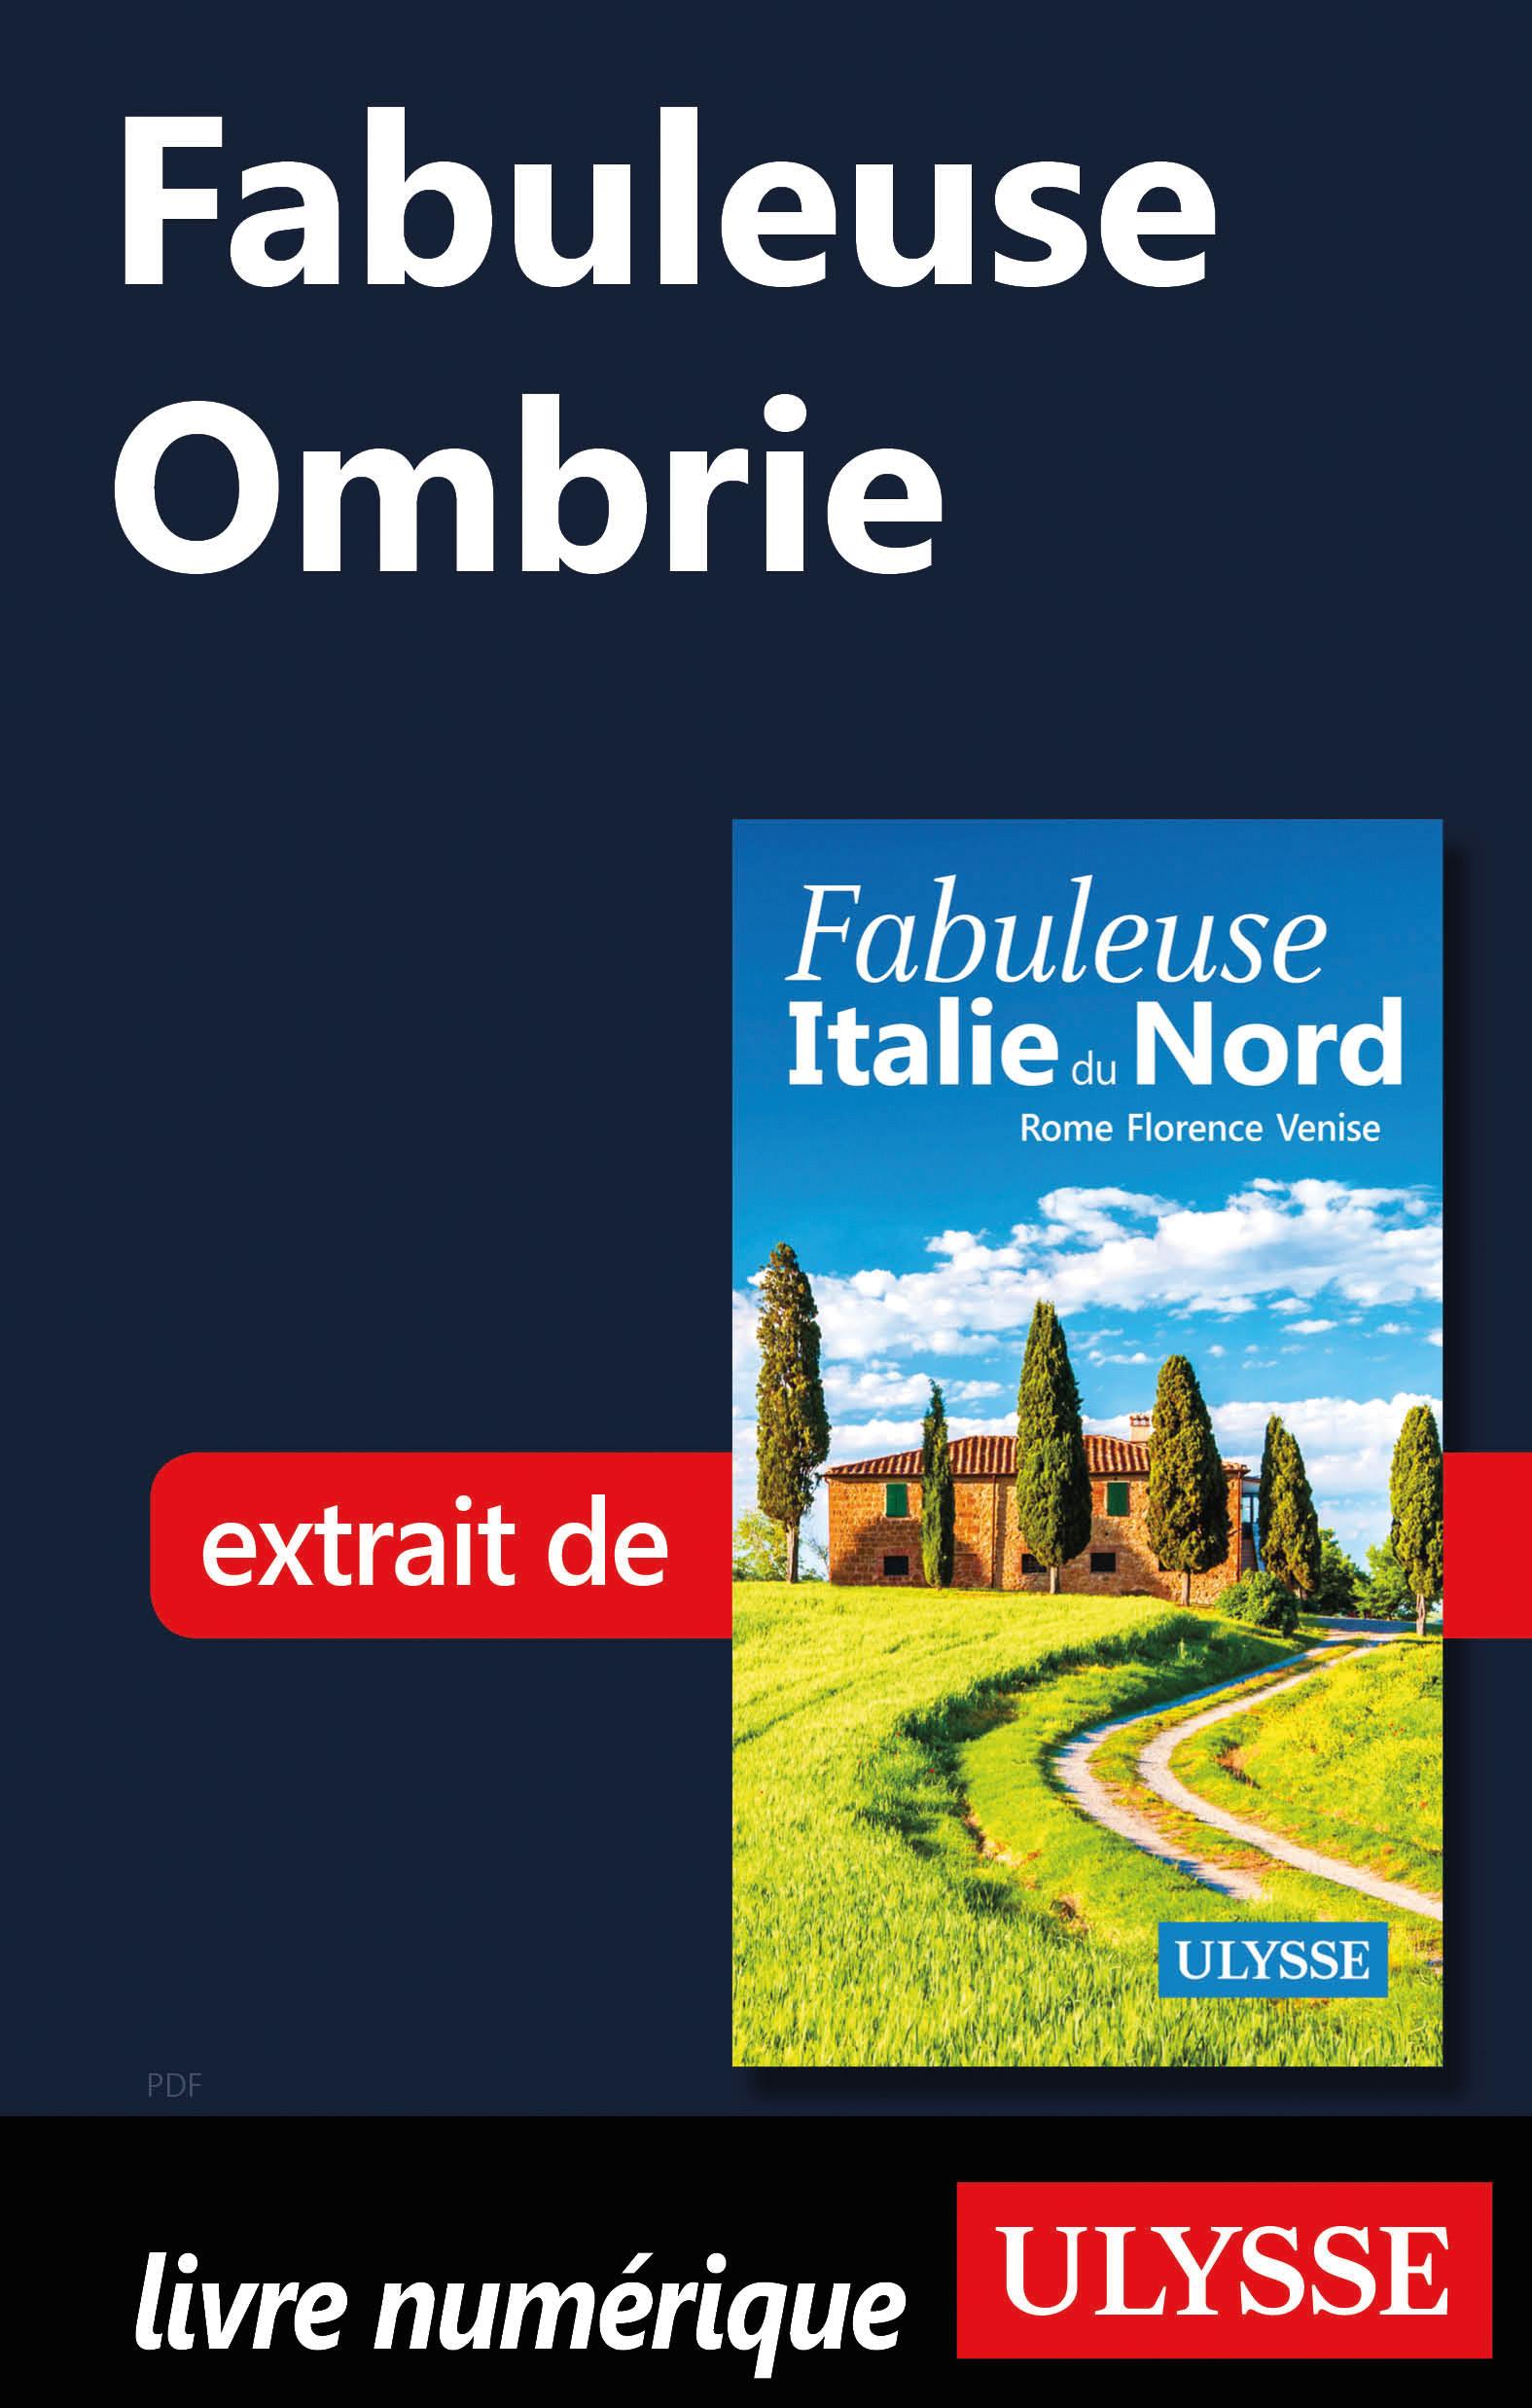 Fabuleuse Ombrie